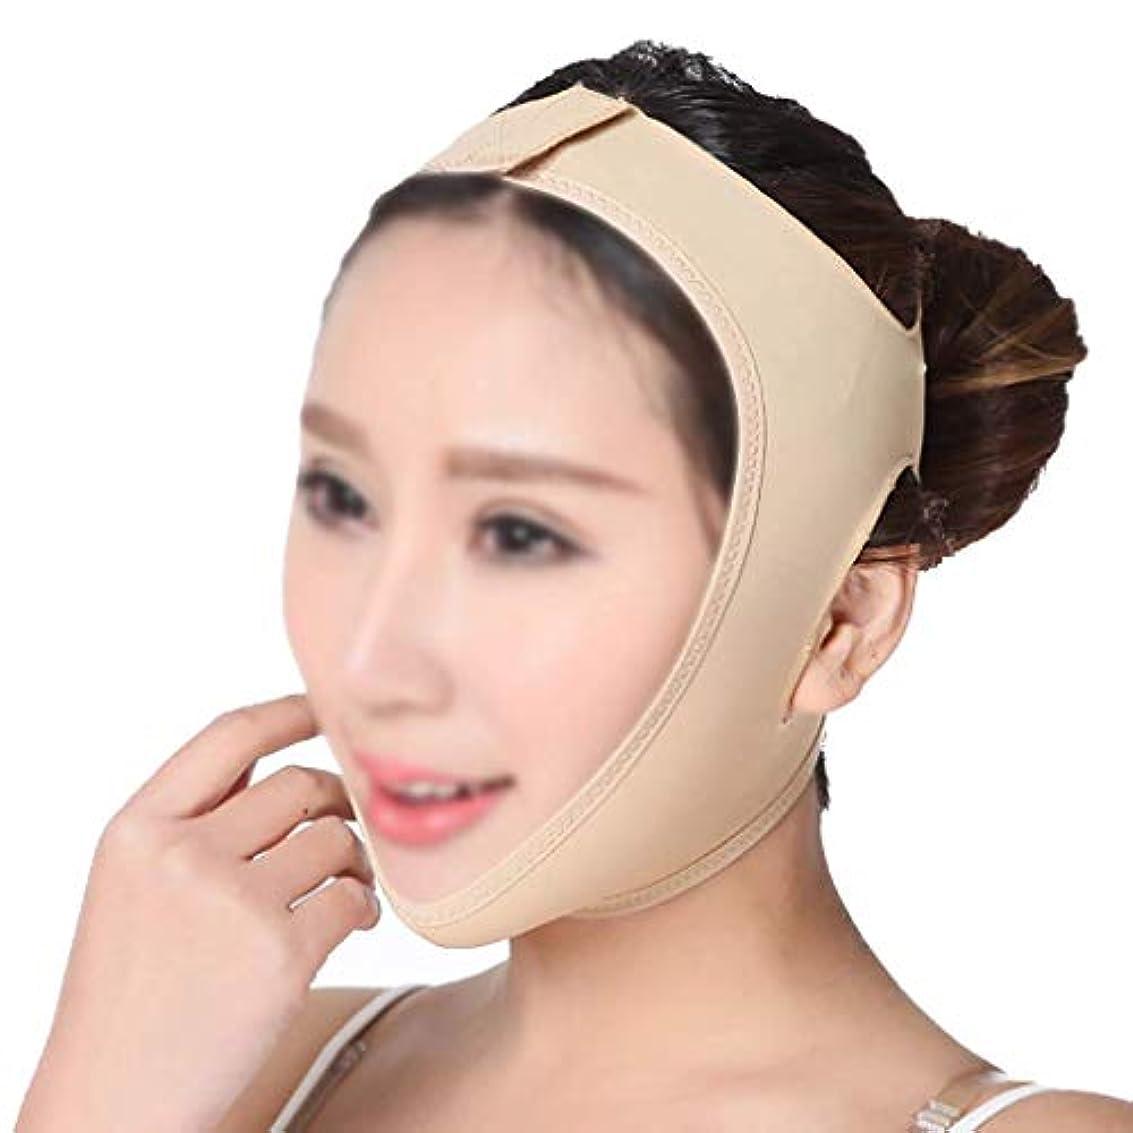 合わせて基礎理論日光薄い顔の包帯の顔スリム二重あごを取り除くVラインの顔の形を作成するあごの頬リフトアップアンチリンクルリフティングベルトフェイスマッサージツール(サイズ:L)